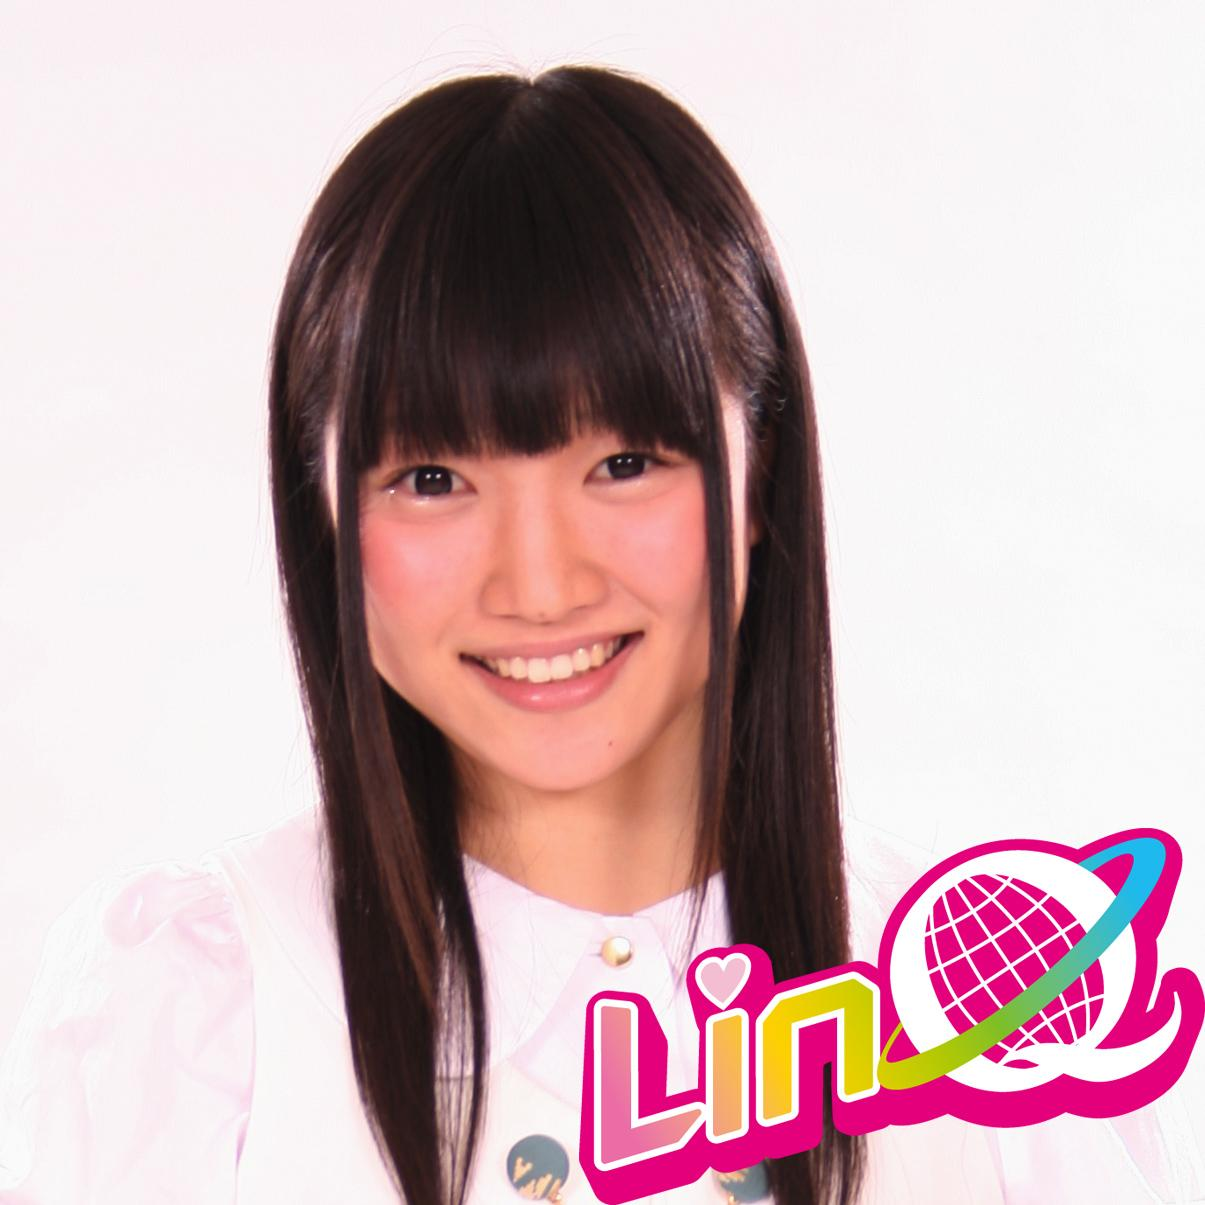 伊藤麻希の顔がでかい!linqのアイドル!立教大学に通ってる?